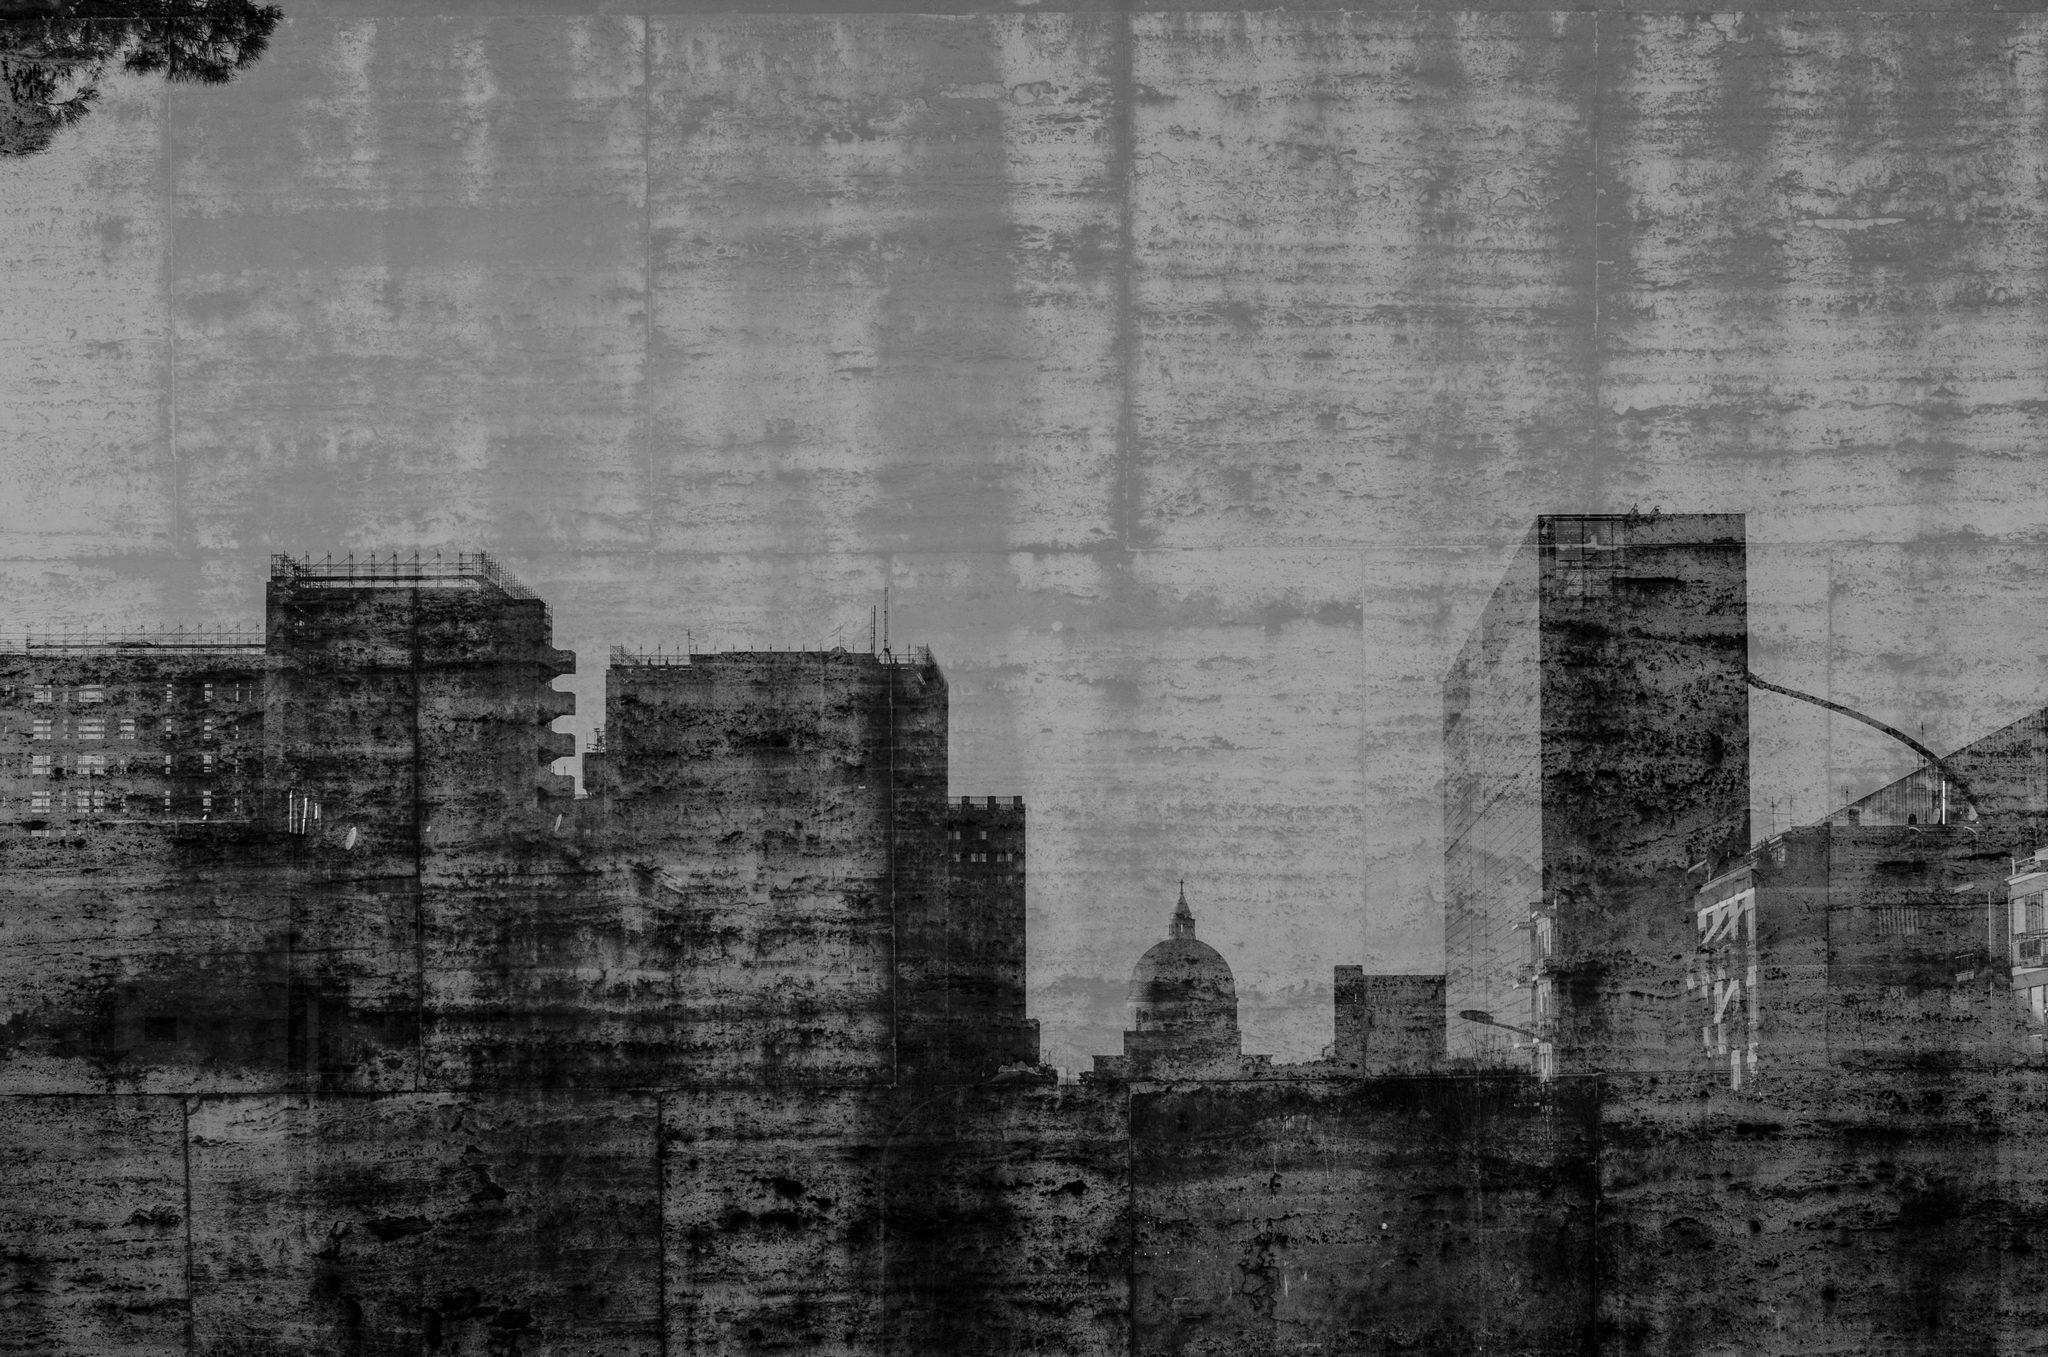 E.U.R. double exposure (cityscape)